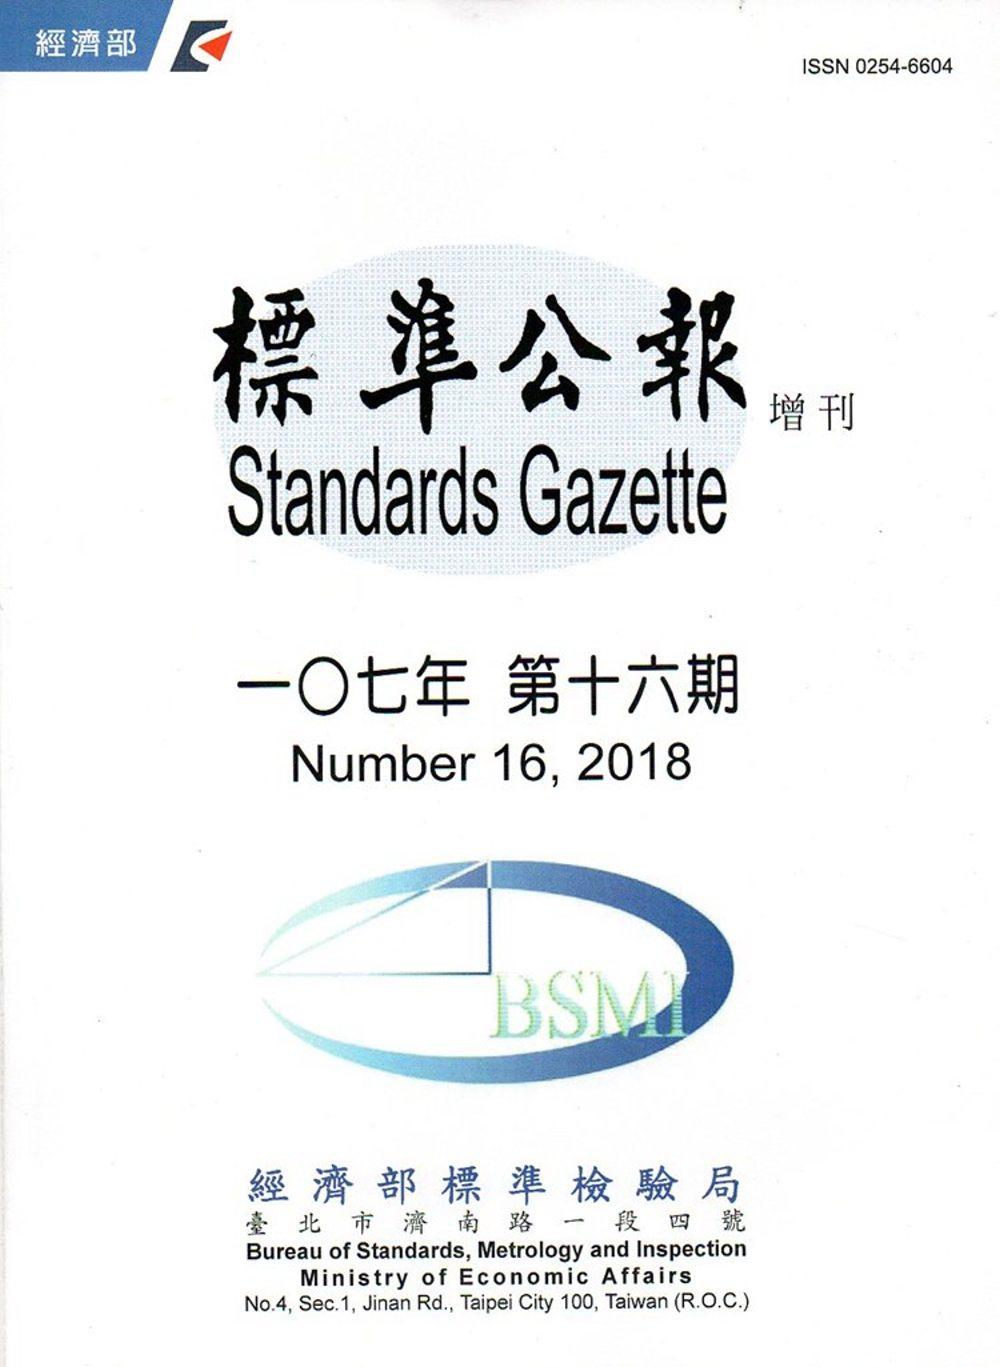 標準公報半月刊107年 第十六期